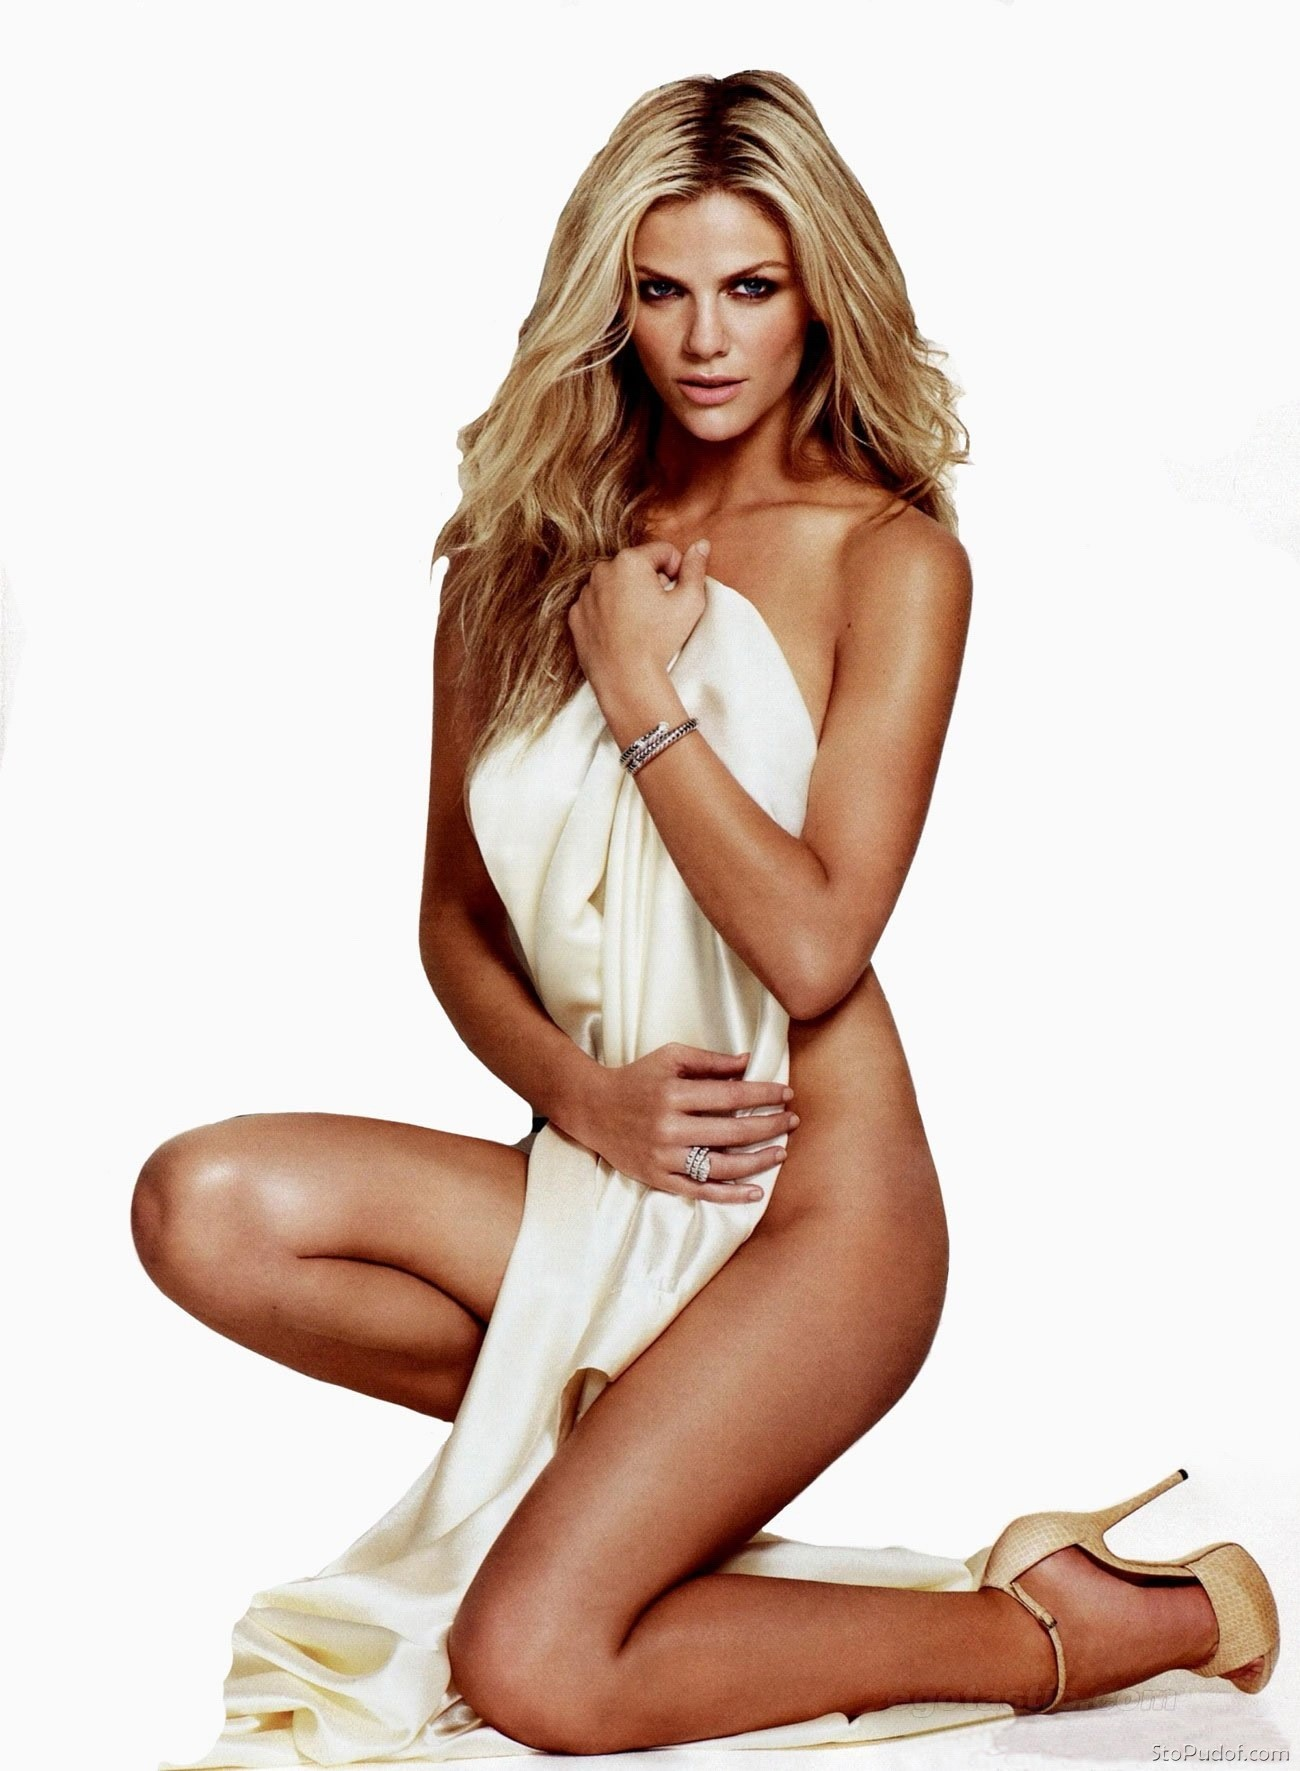 Hot Model Actress Brooklyn Decker High Defination